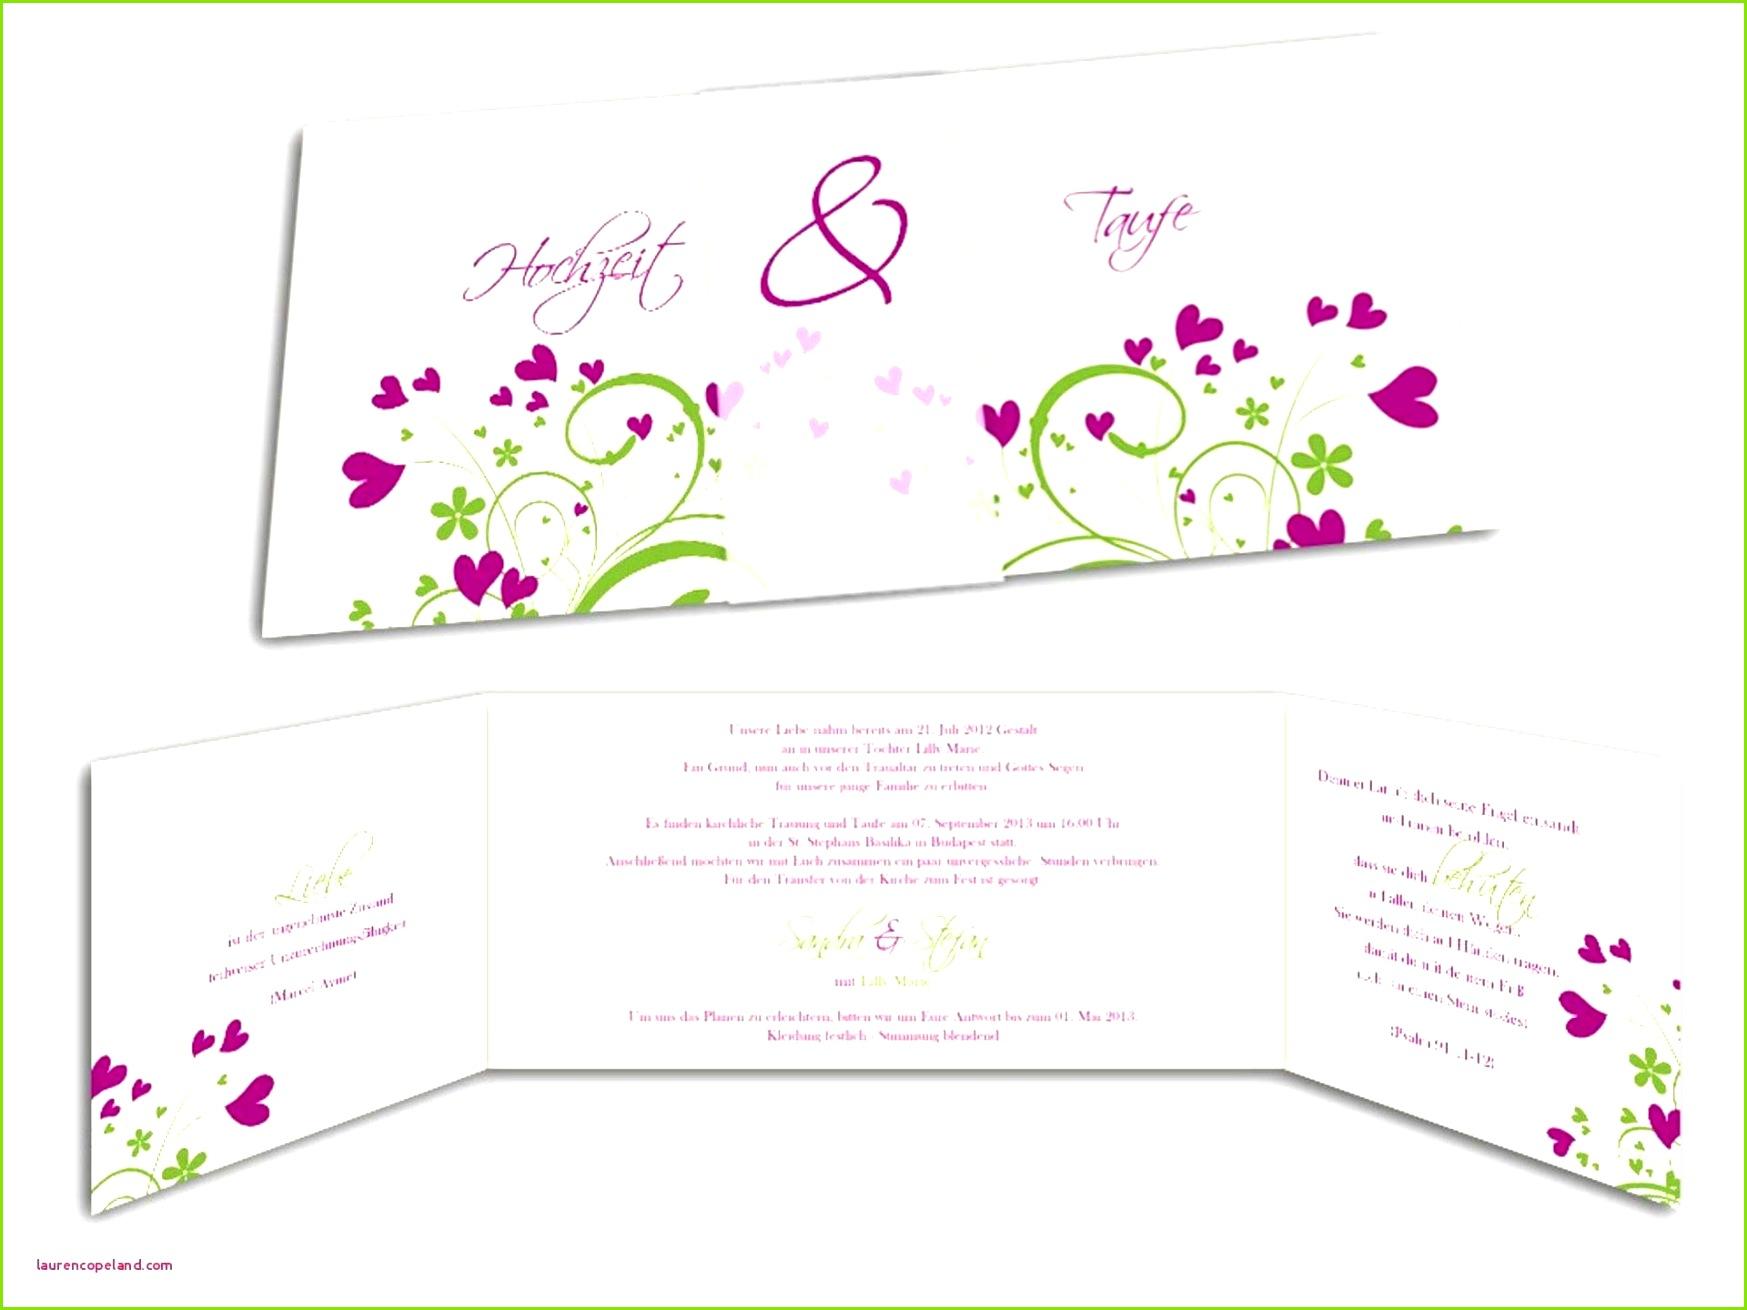 Sitzplan Hochzeit Vorlage Vorlage Hochzeitskarte Neu Media Image 0d Verschwenderisch Sitzordnung Hochzeit Vorlage